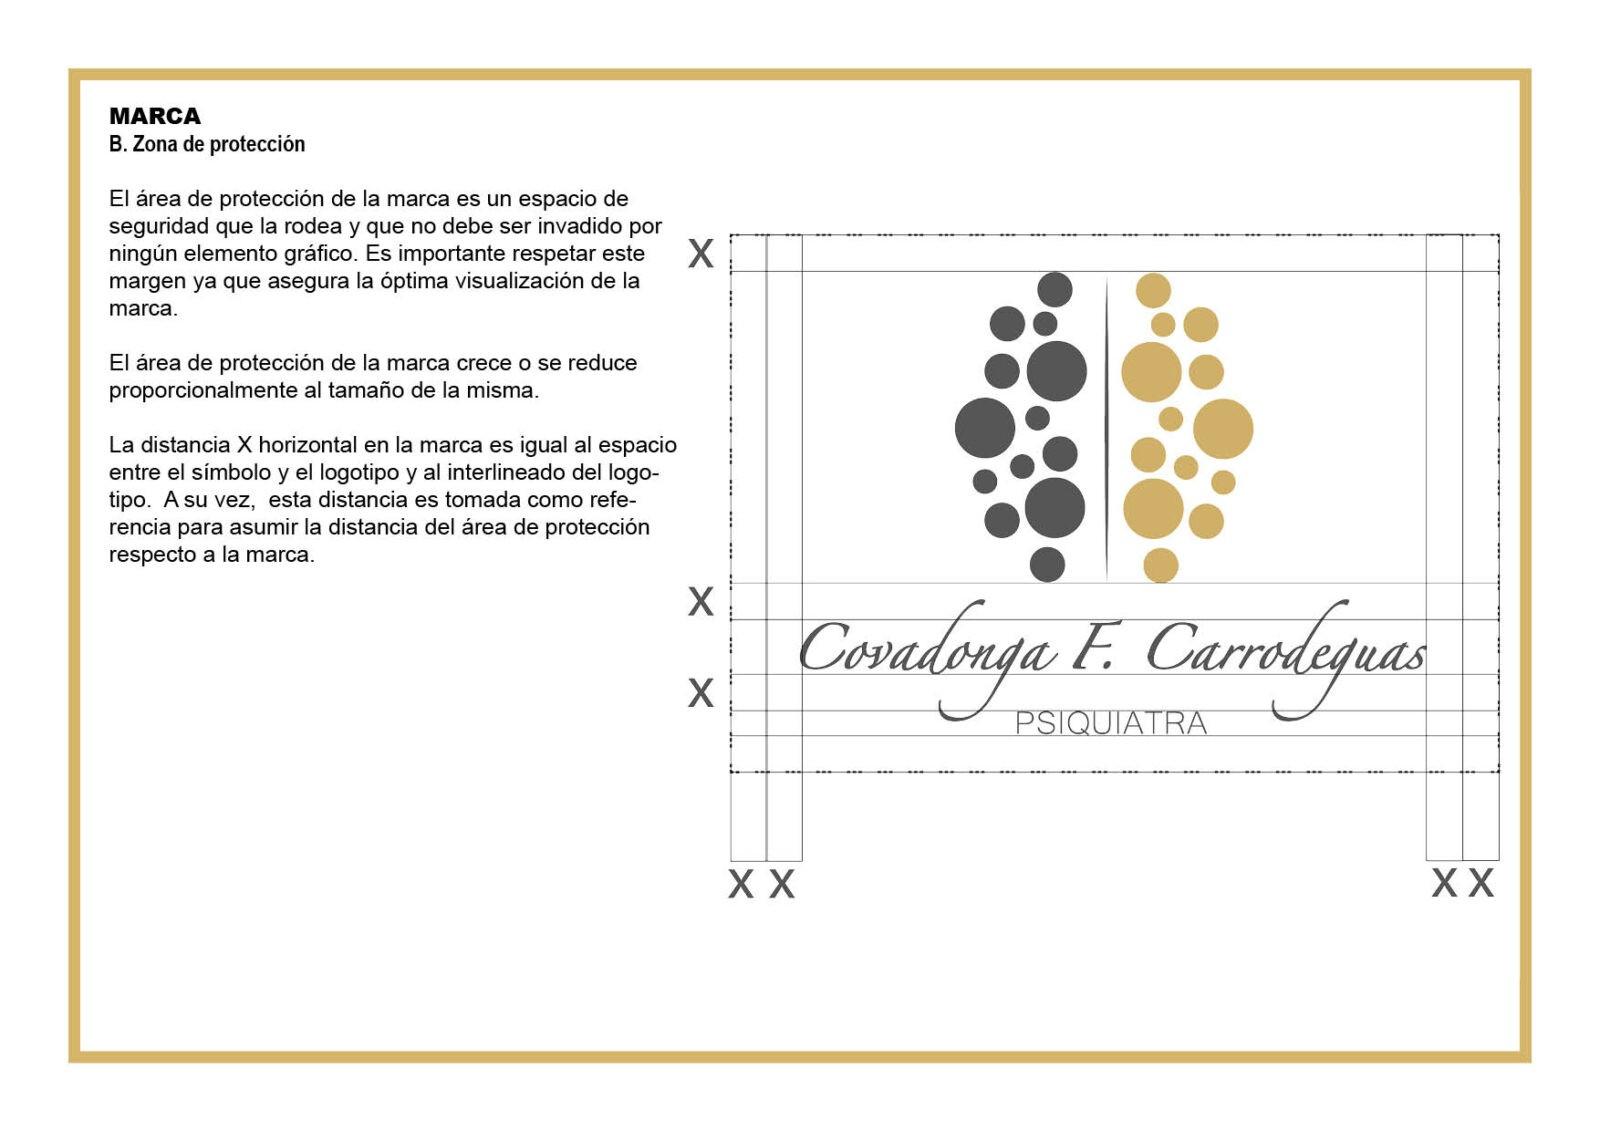 Manual de Identidad Corporativa Covadonga Carrodeguas - Trabajos